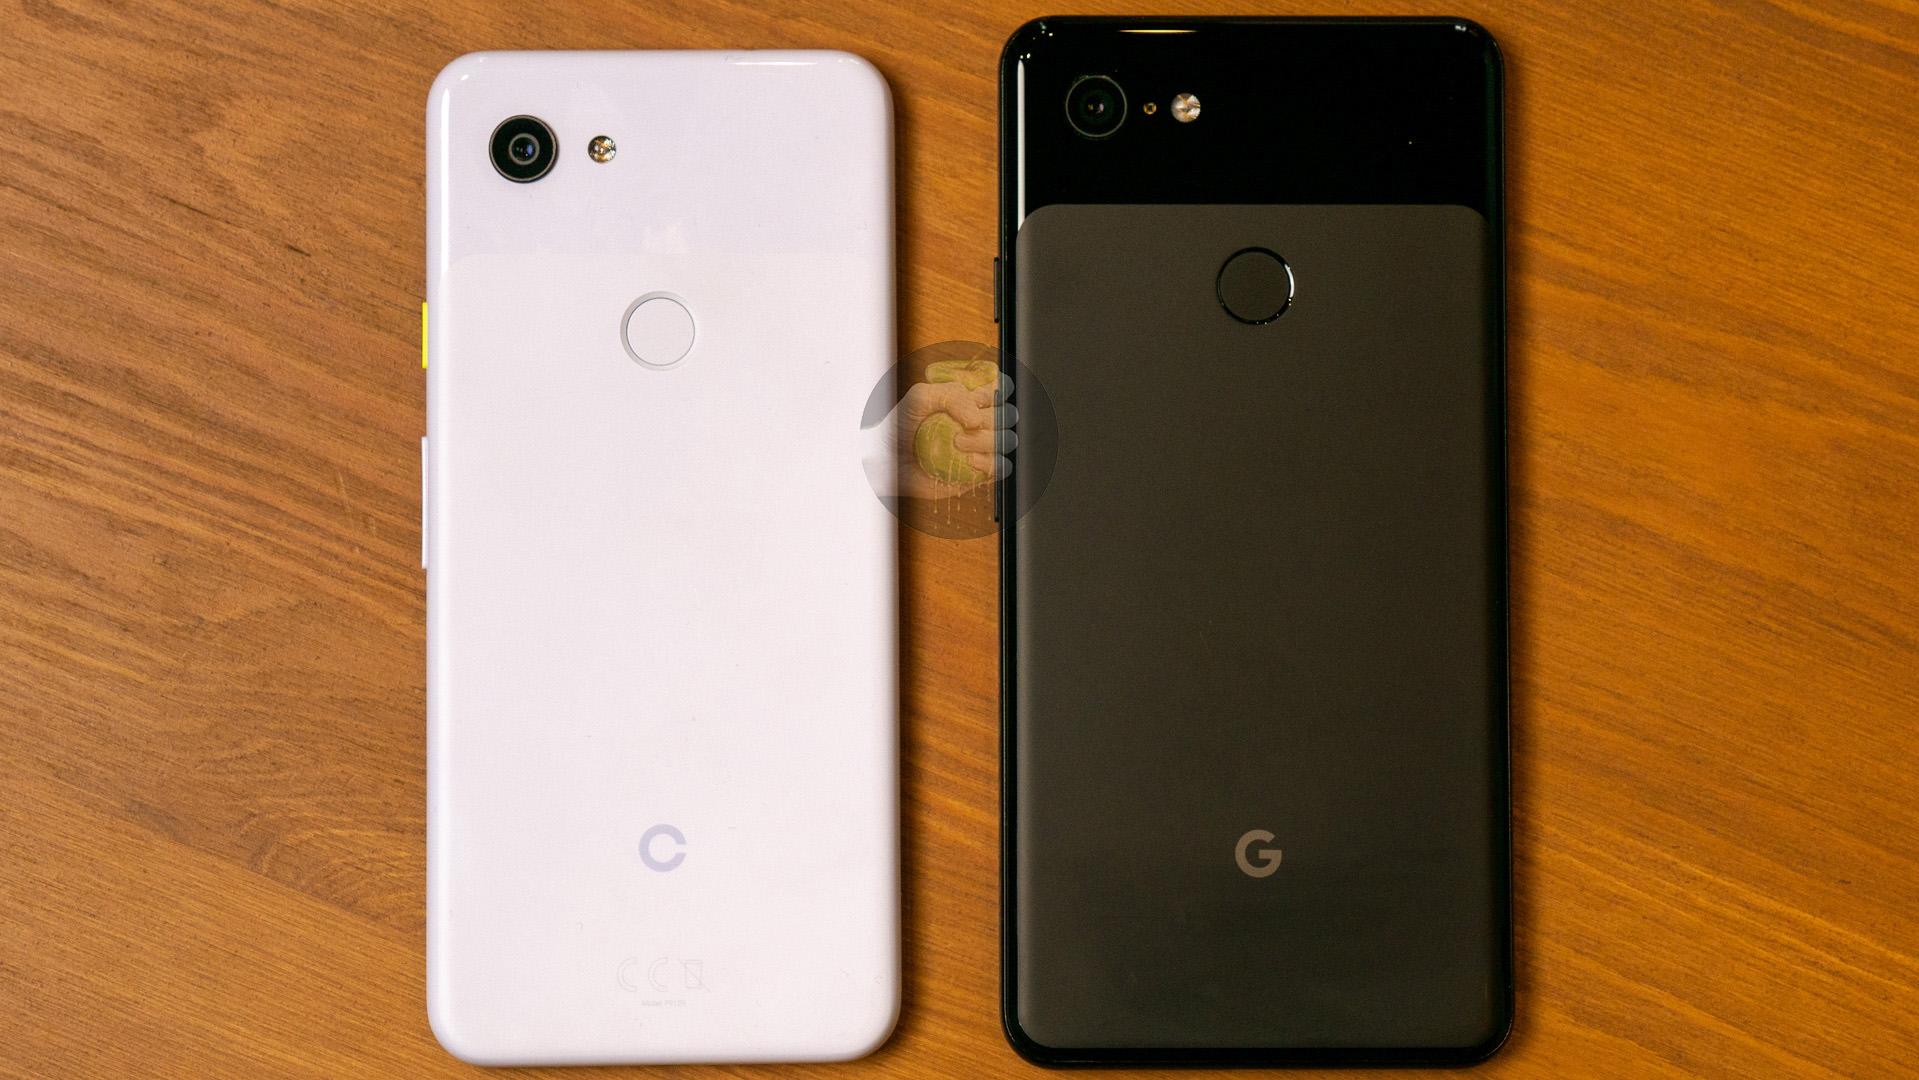 آیا پیکسل ۳ ایکس ال لایت چهارمین موبایل گوگل در سال ۲۰۱۸ خواهد بود؟